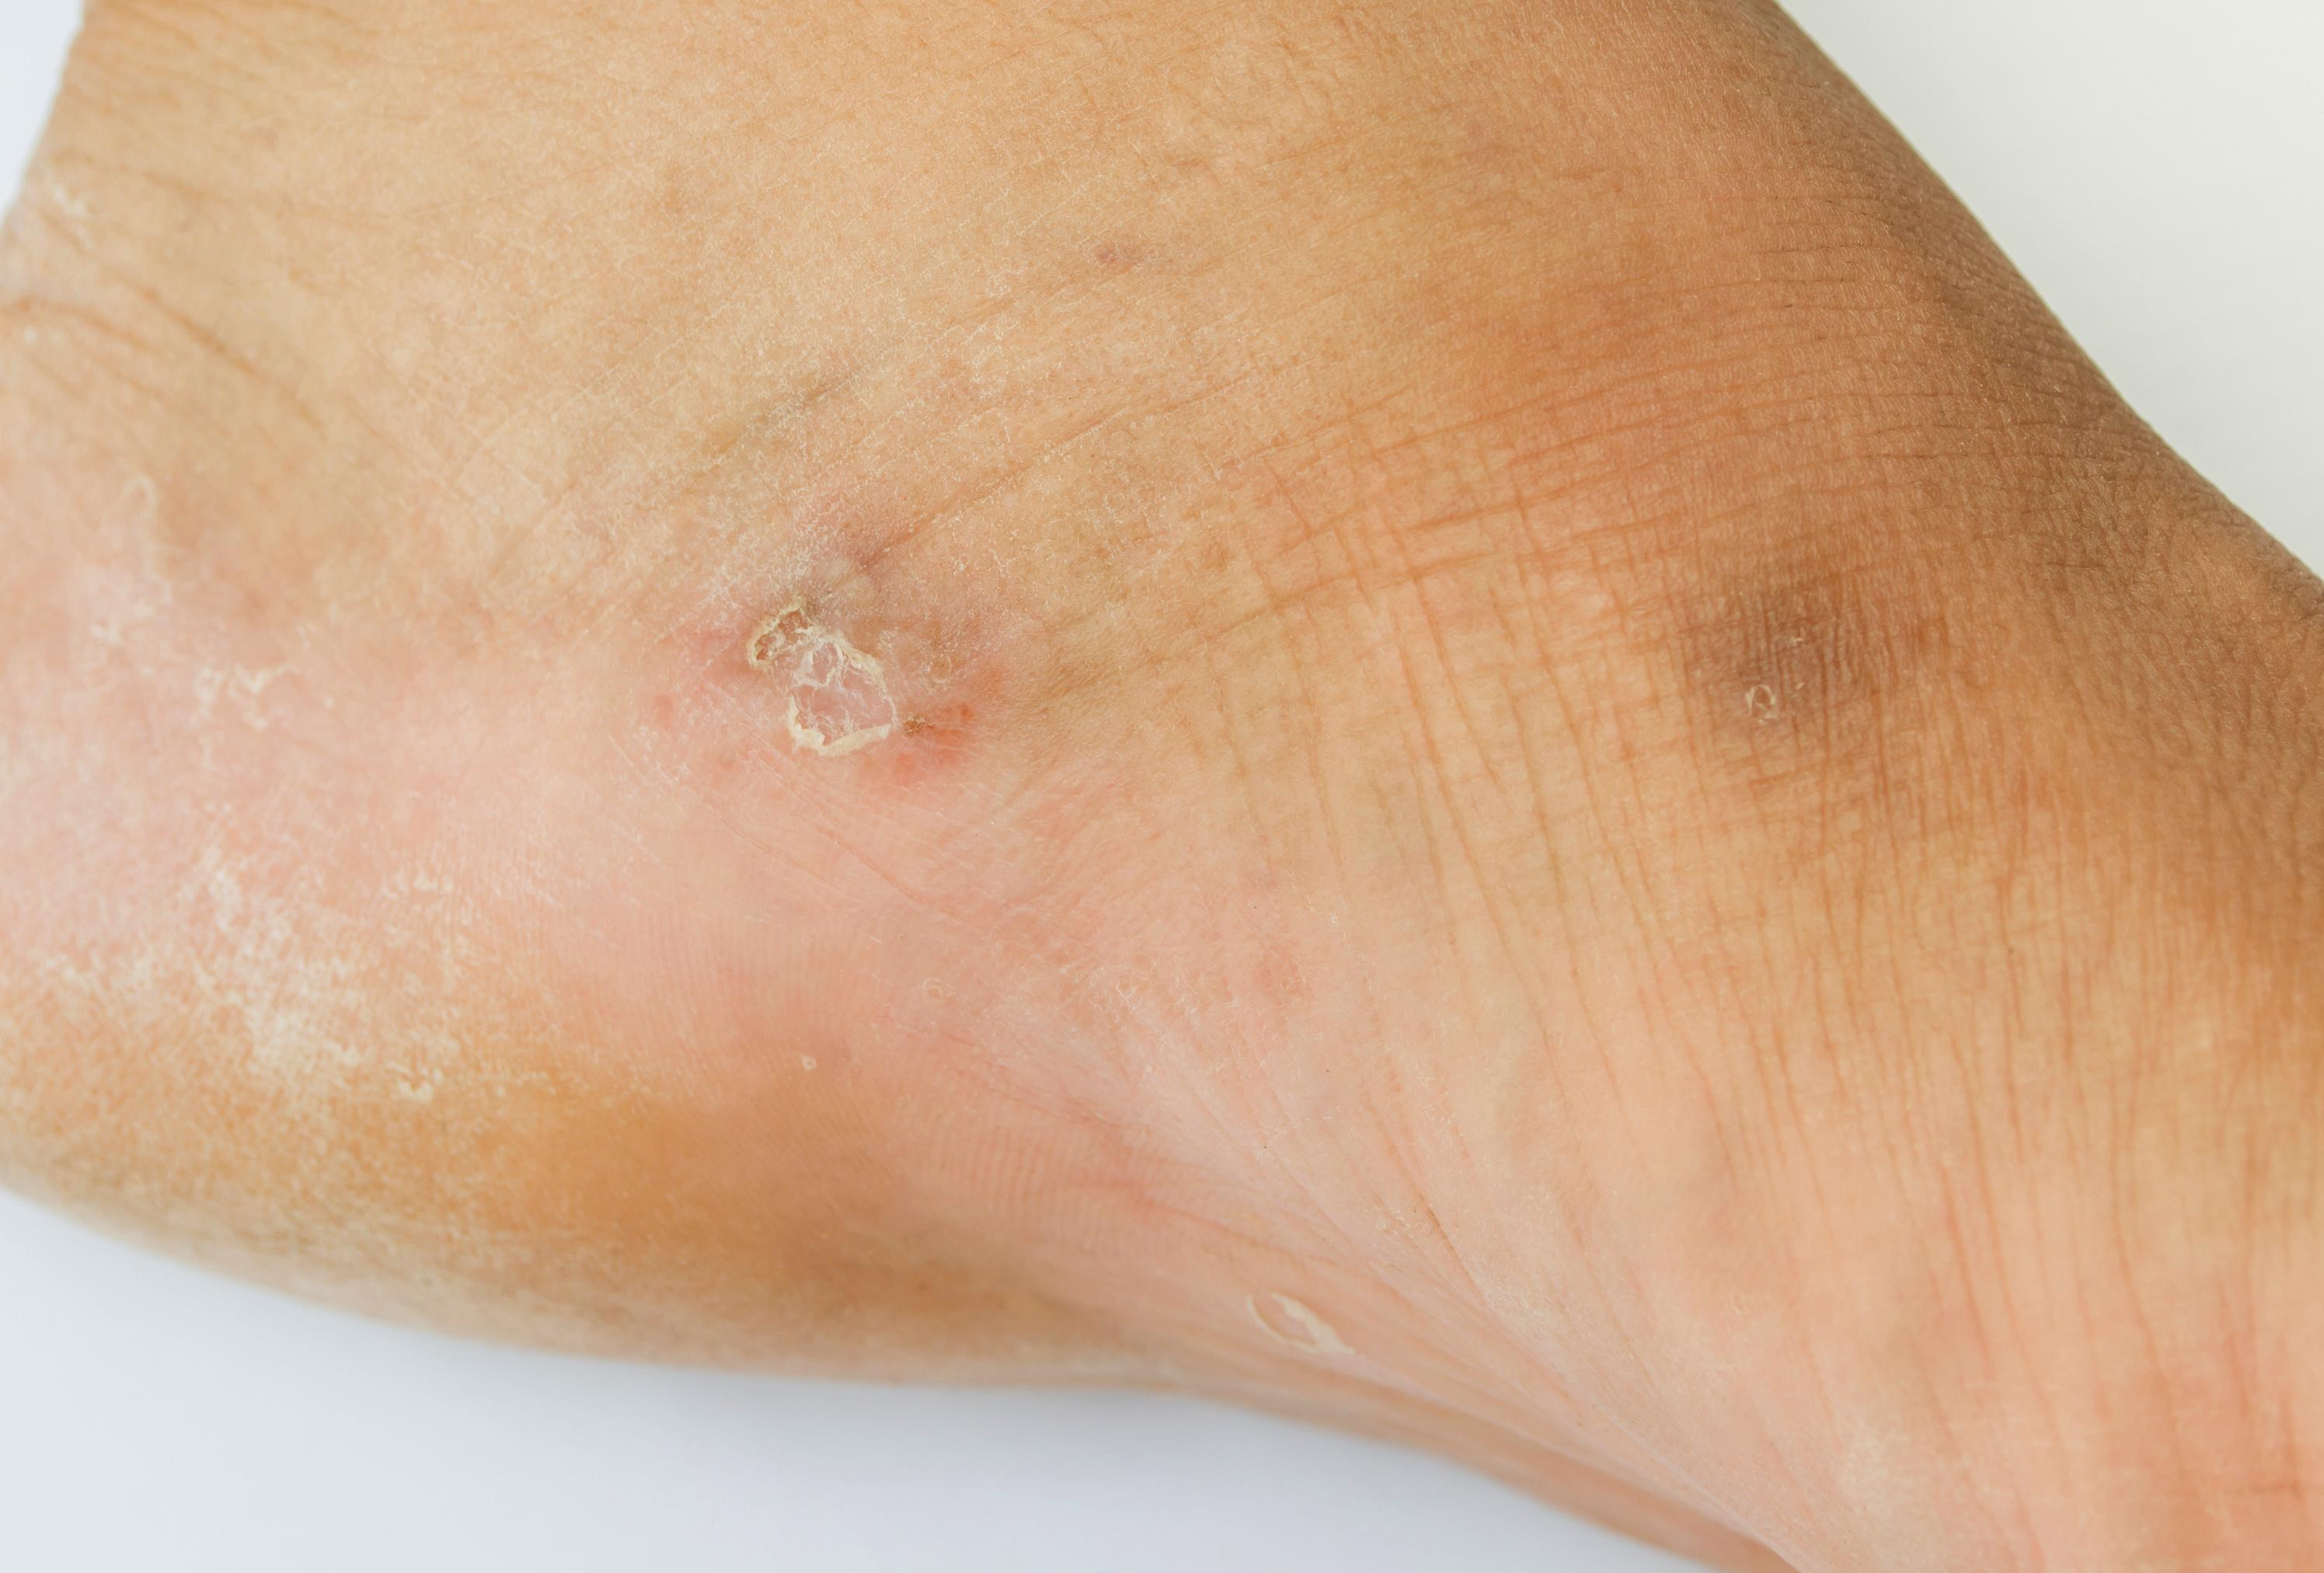 Belorechensk pikkelysömör kezelése nem vegyi kezelés pikkelysömörhöz